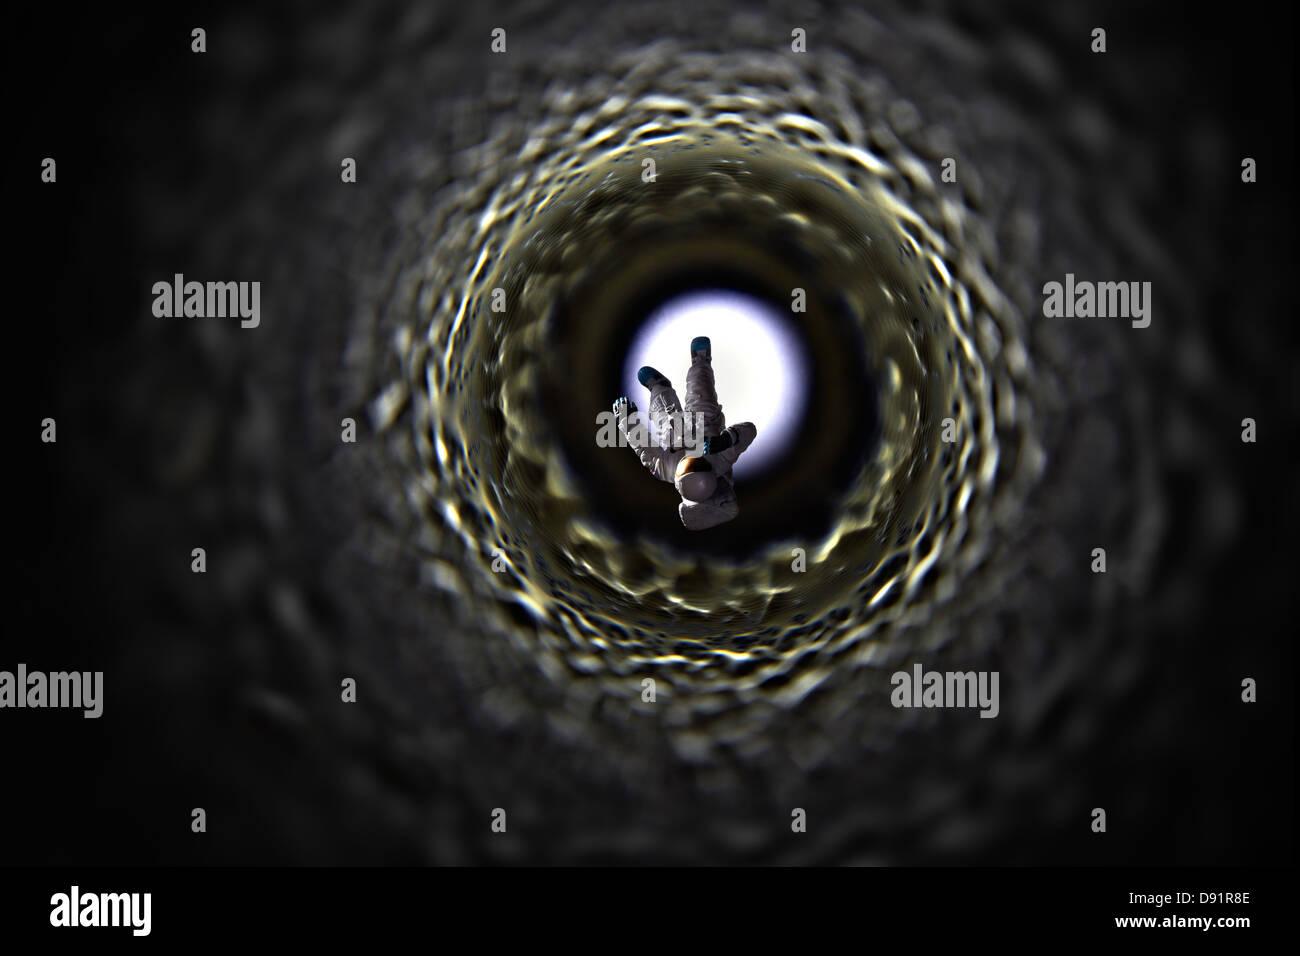 Astronaut in verloren, als der noch unentdeckten um noch zu benennenden, kosmischen Phänomens Stockbild